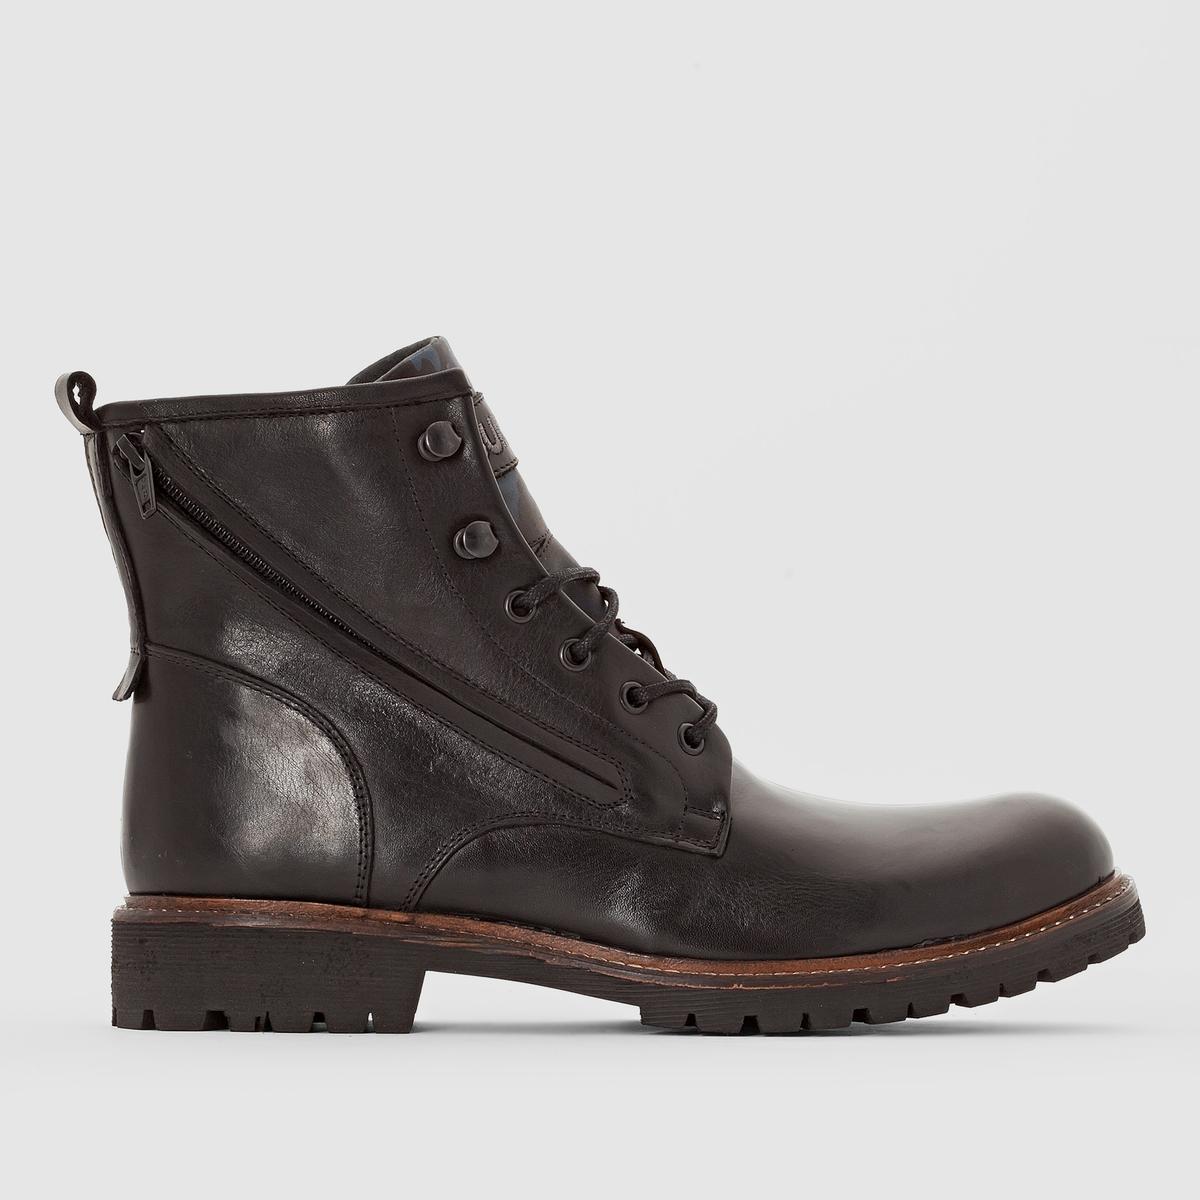 Ботинки, WORKПодкладка: Кожа.       Стелька: Кожа.      Подошва: Каучук.    Высота голенища: 17 см. Форма каблука: Плоская.Мысок: Круглый.   Застежка: На молнию.<br><br>Цвет: черный<br>Размер: 42